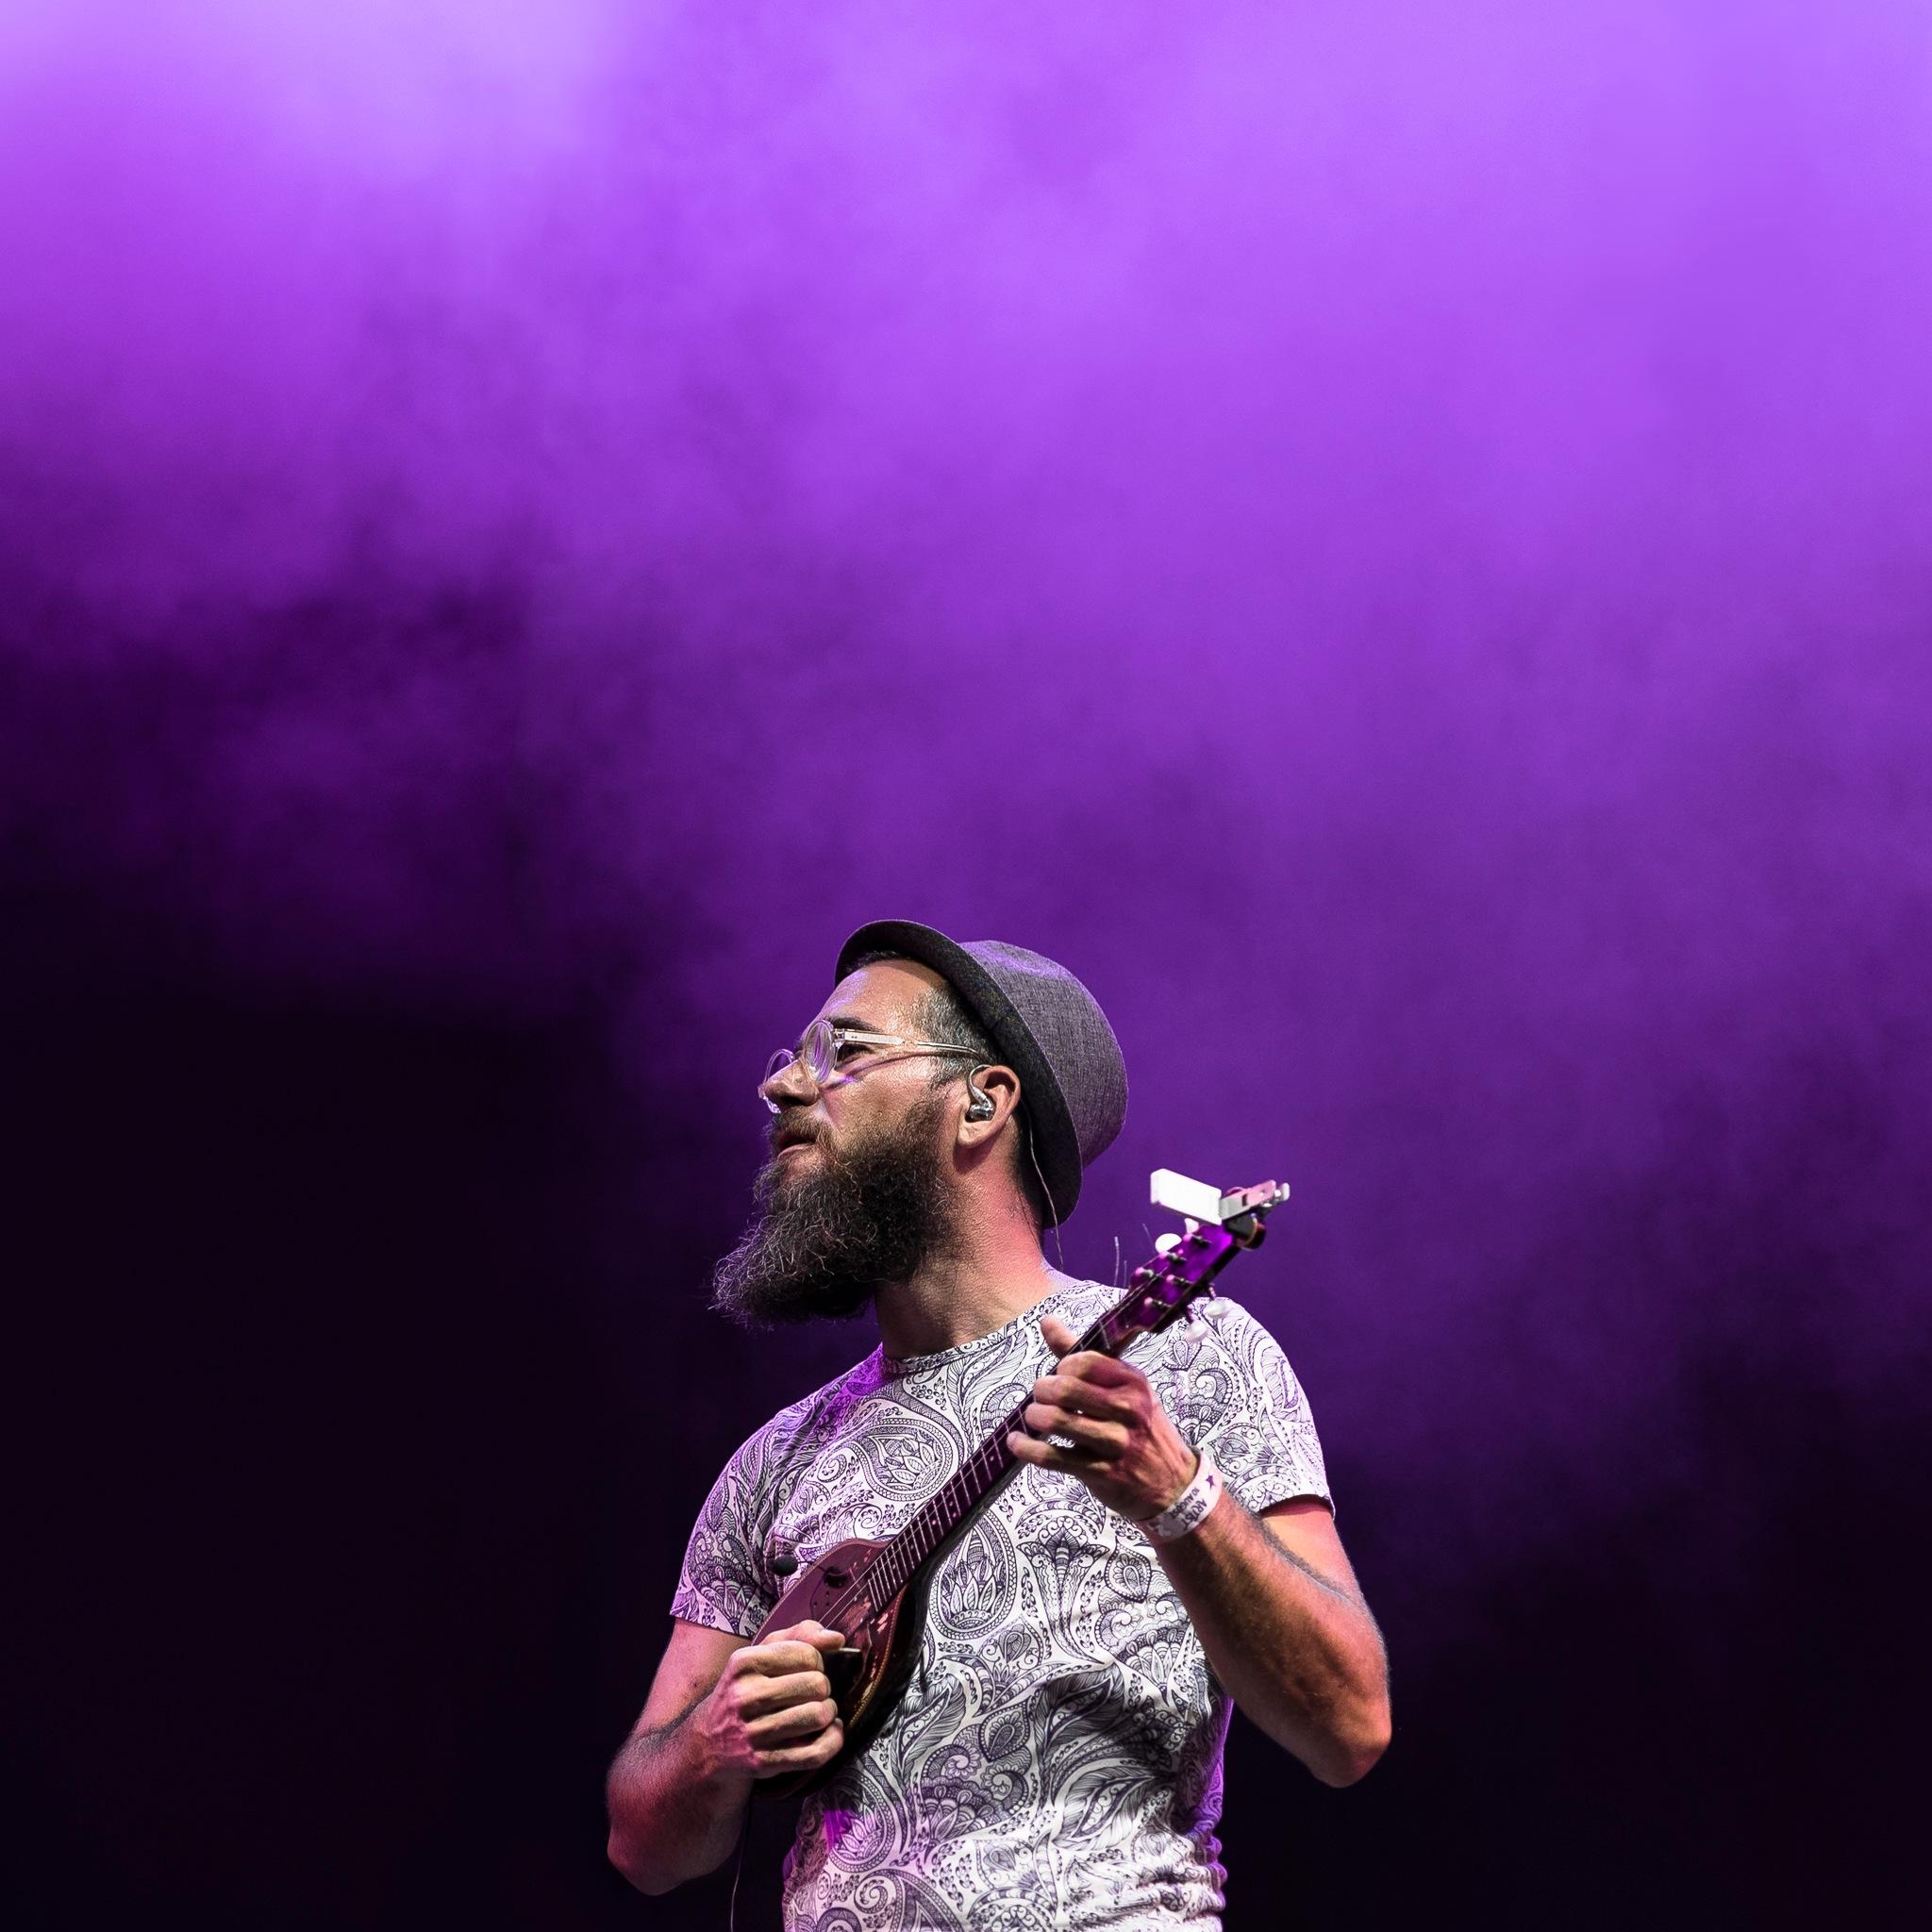 Purple haze by Levente Safrany